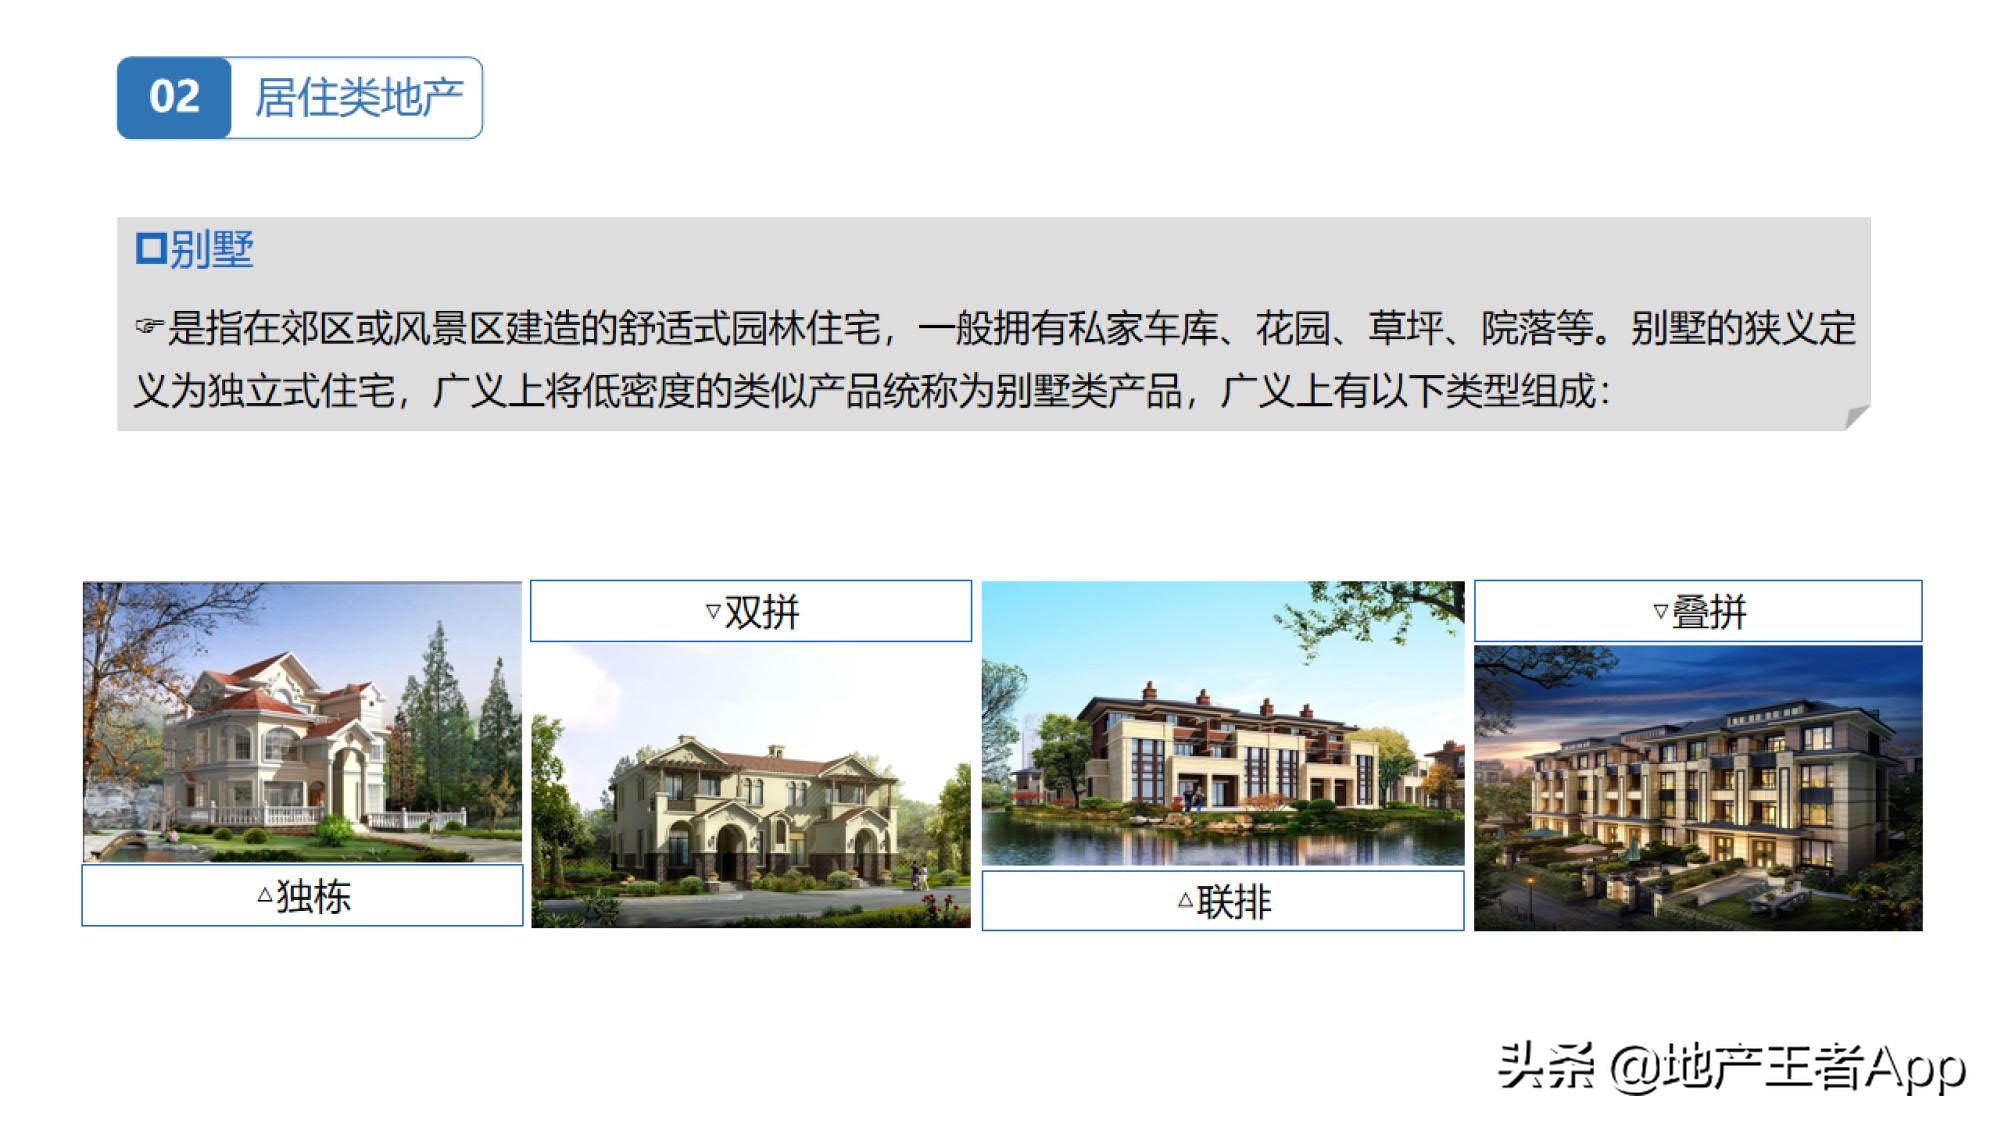 房地产营销新人必备基础知识,超全福利建议转发收藏